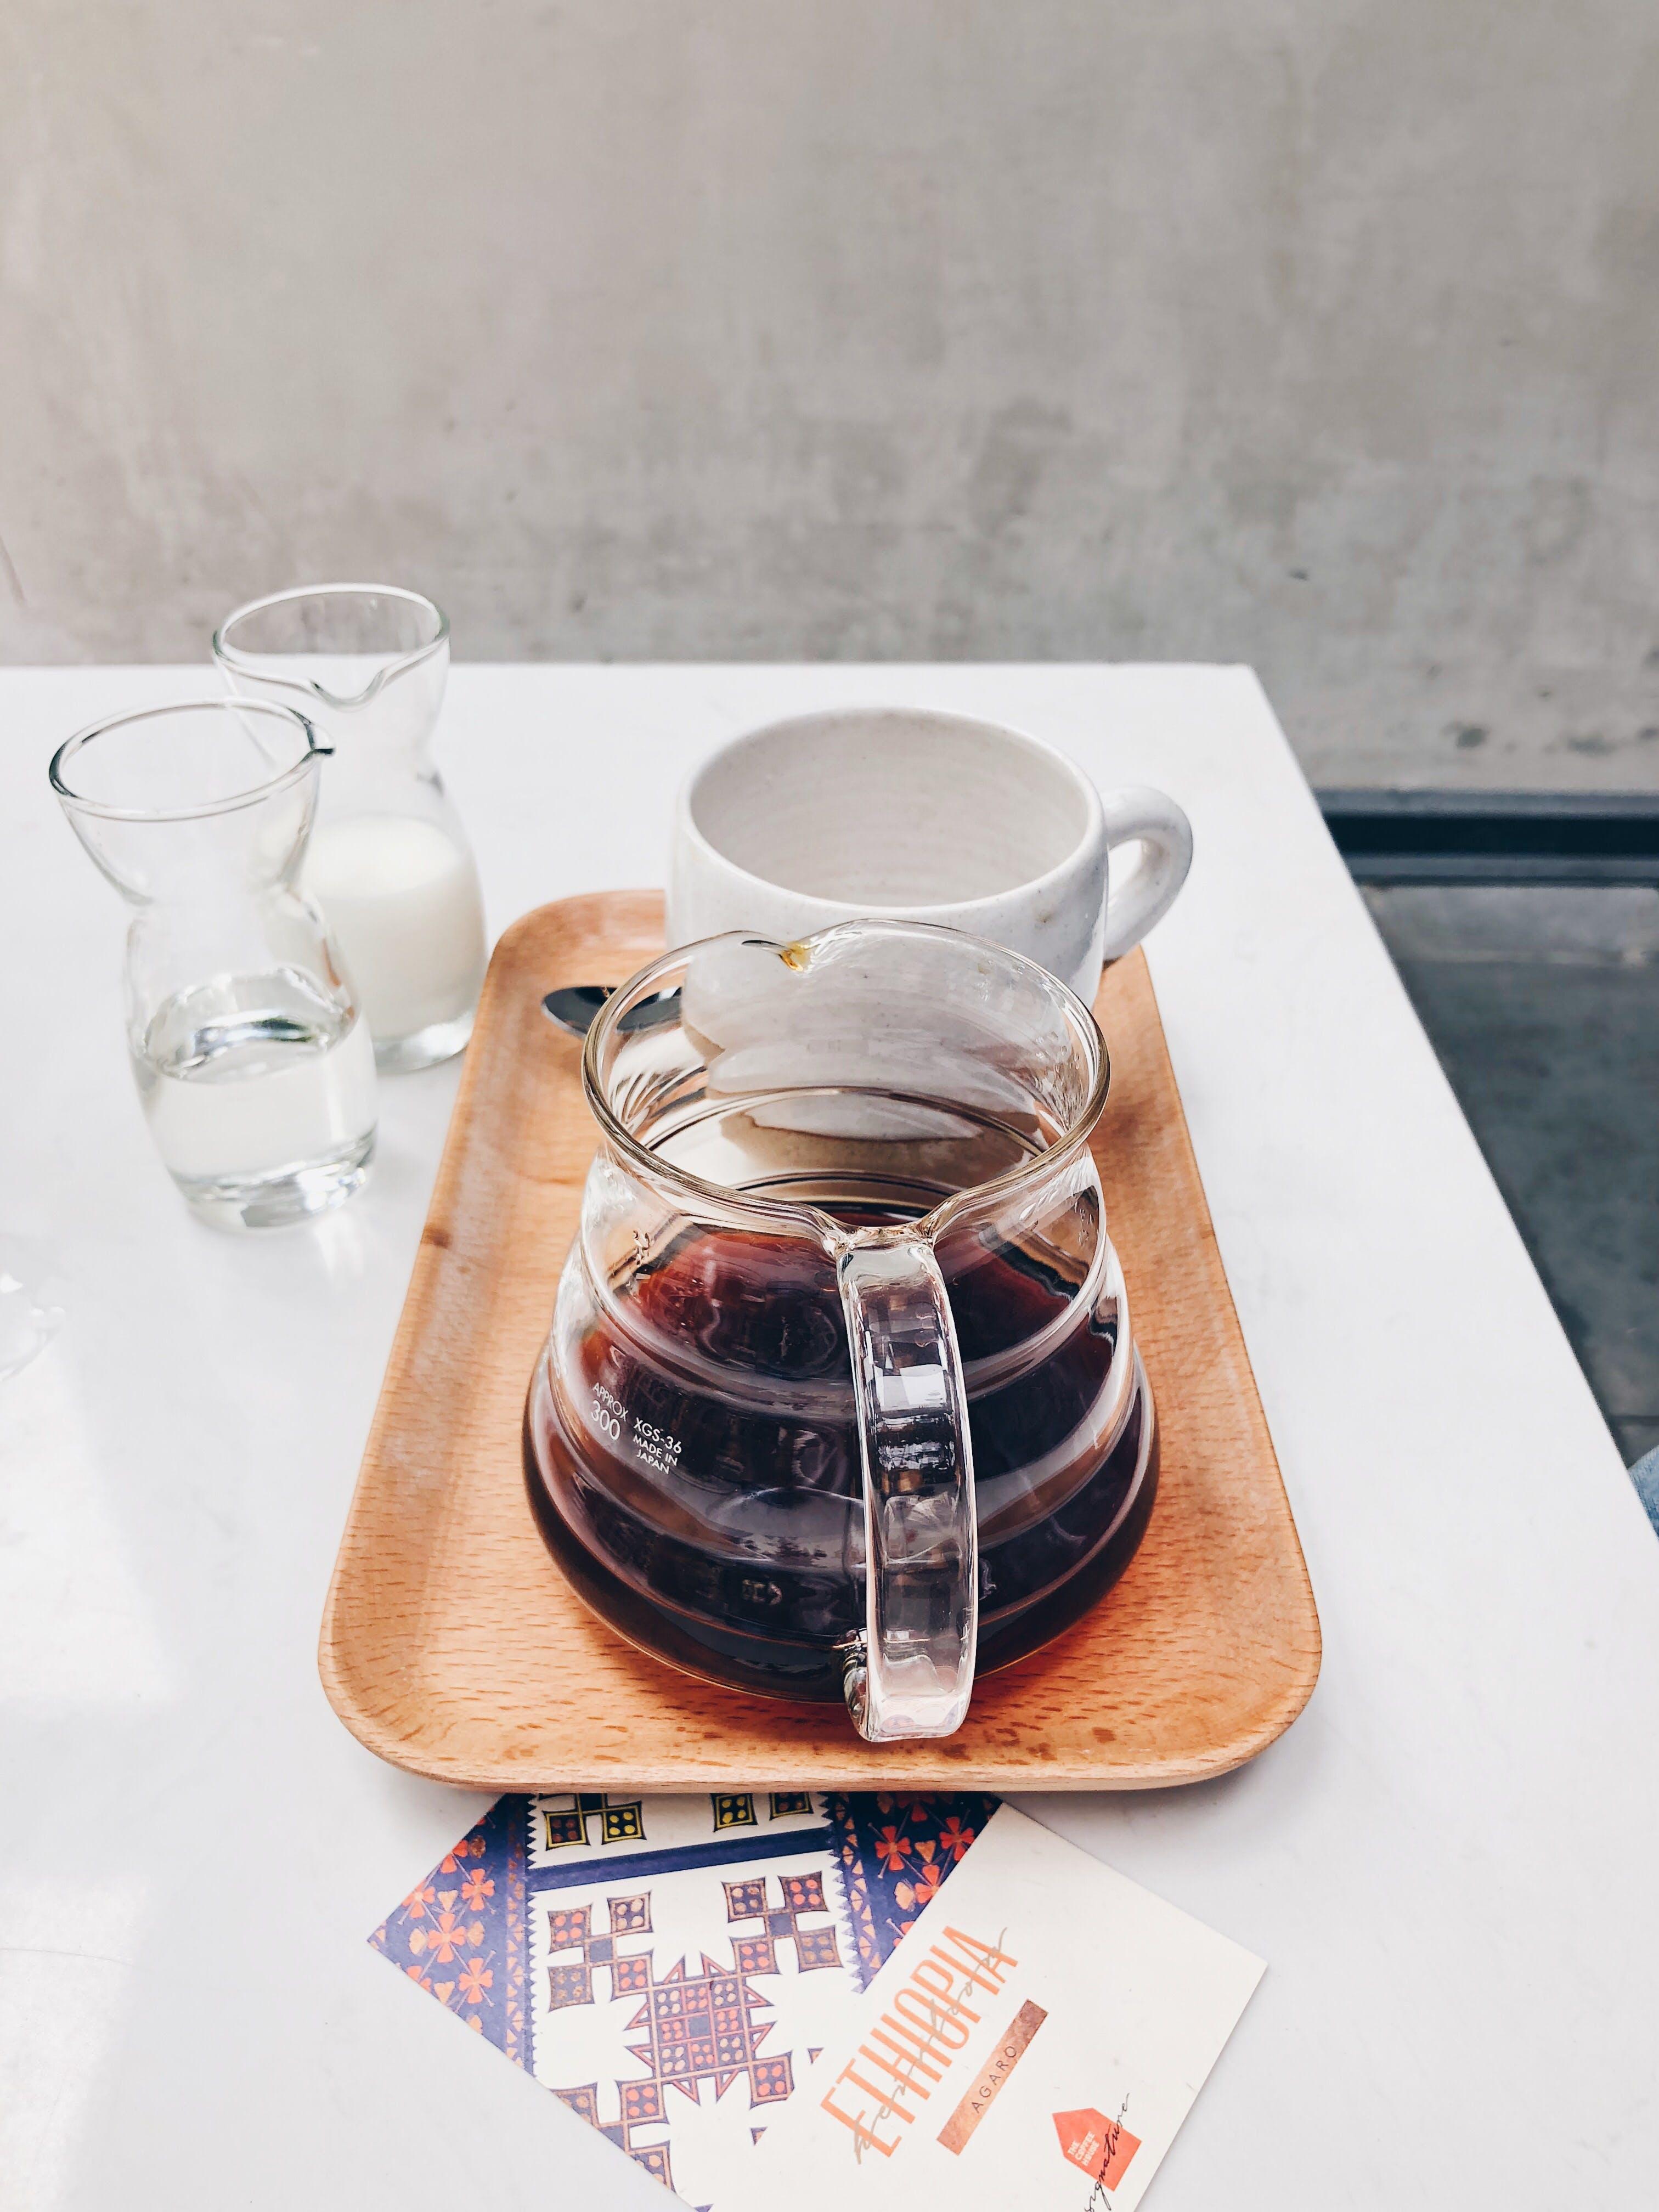 Kostenloses Stock Foto zu brille, container, frühstück, gebrühter kaffee